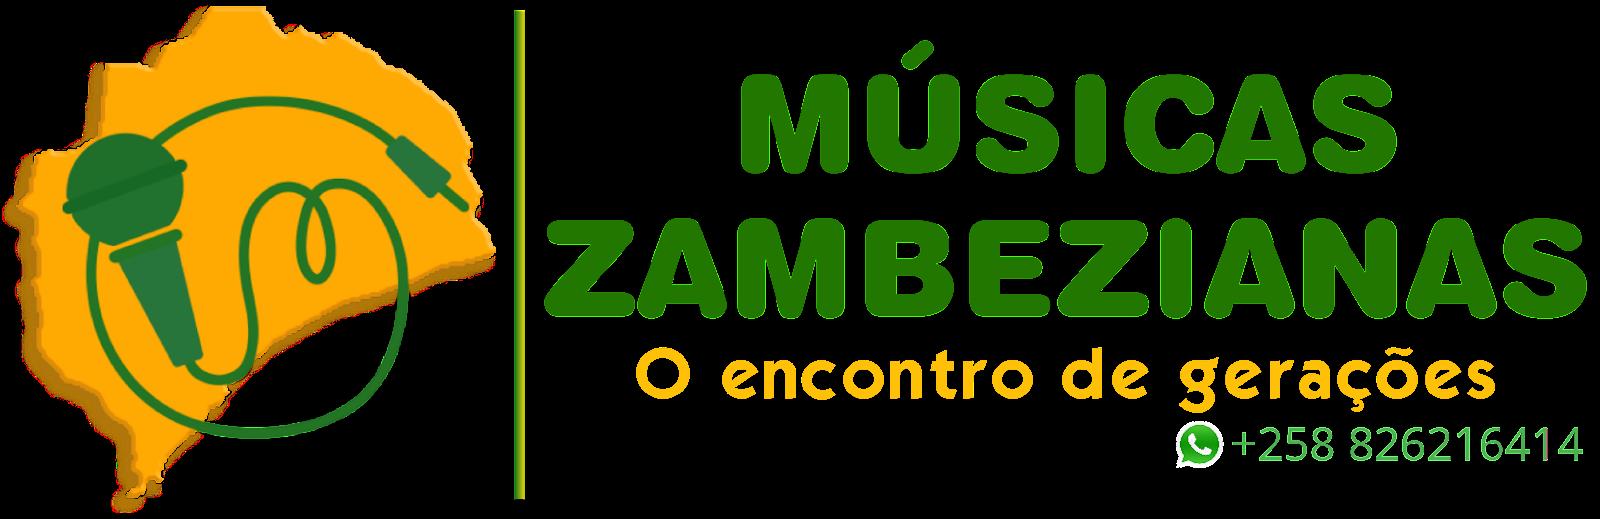 Músicas Zambezianas